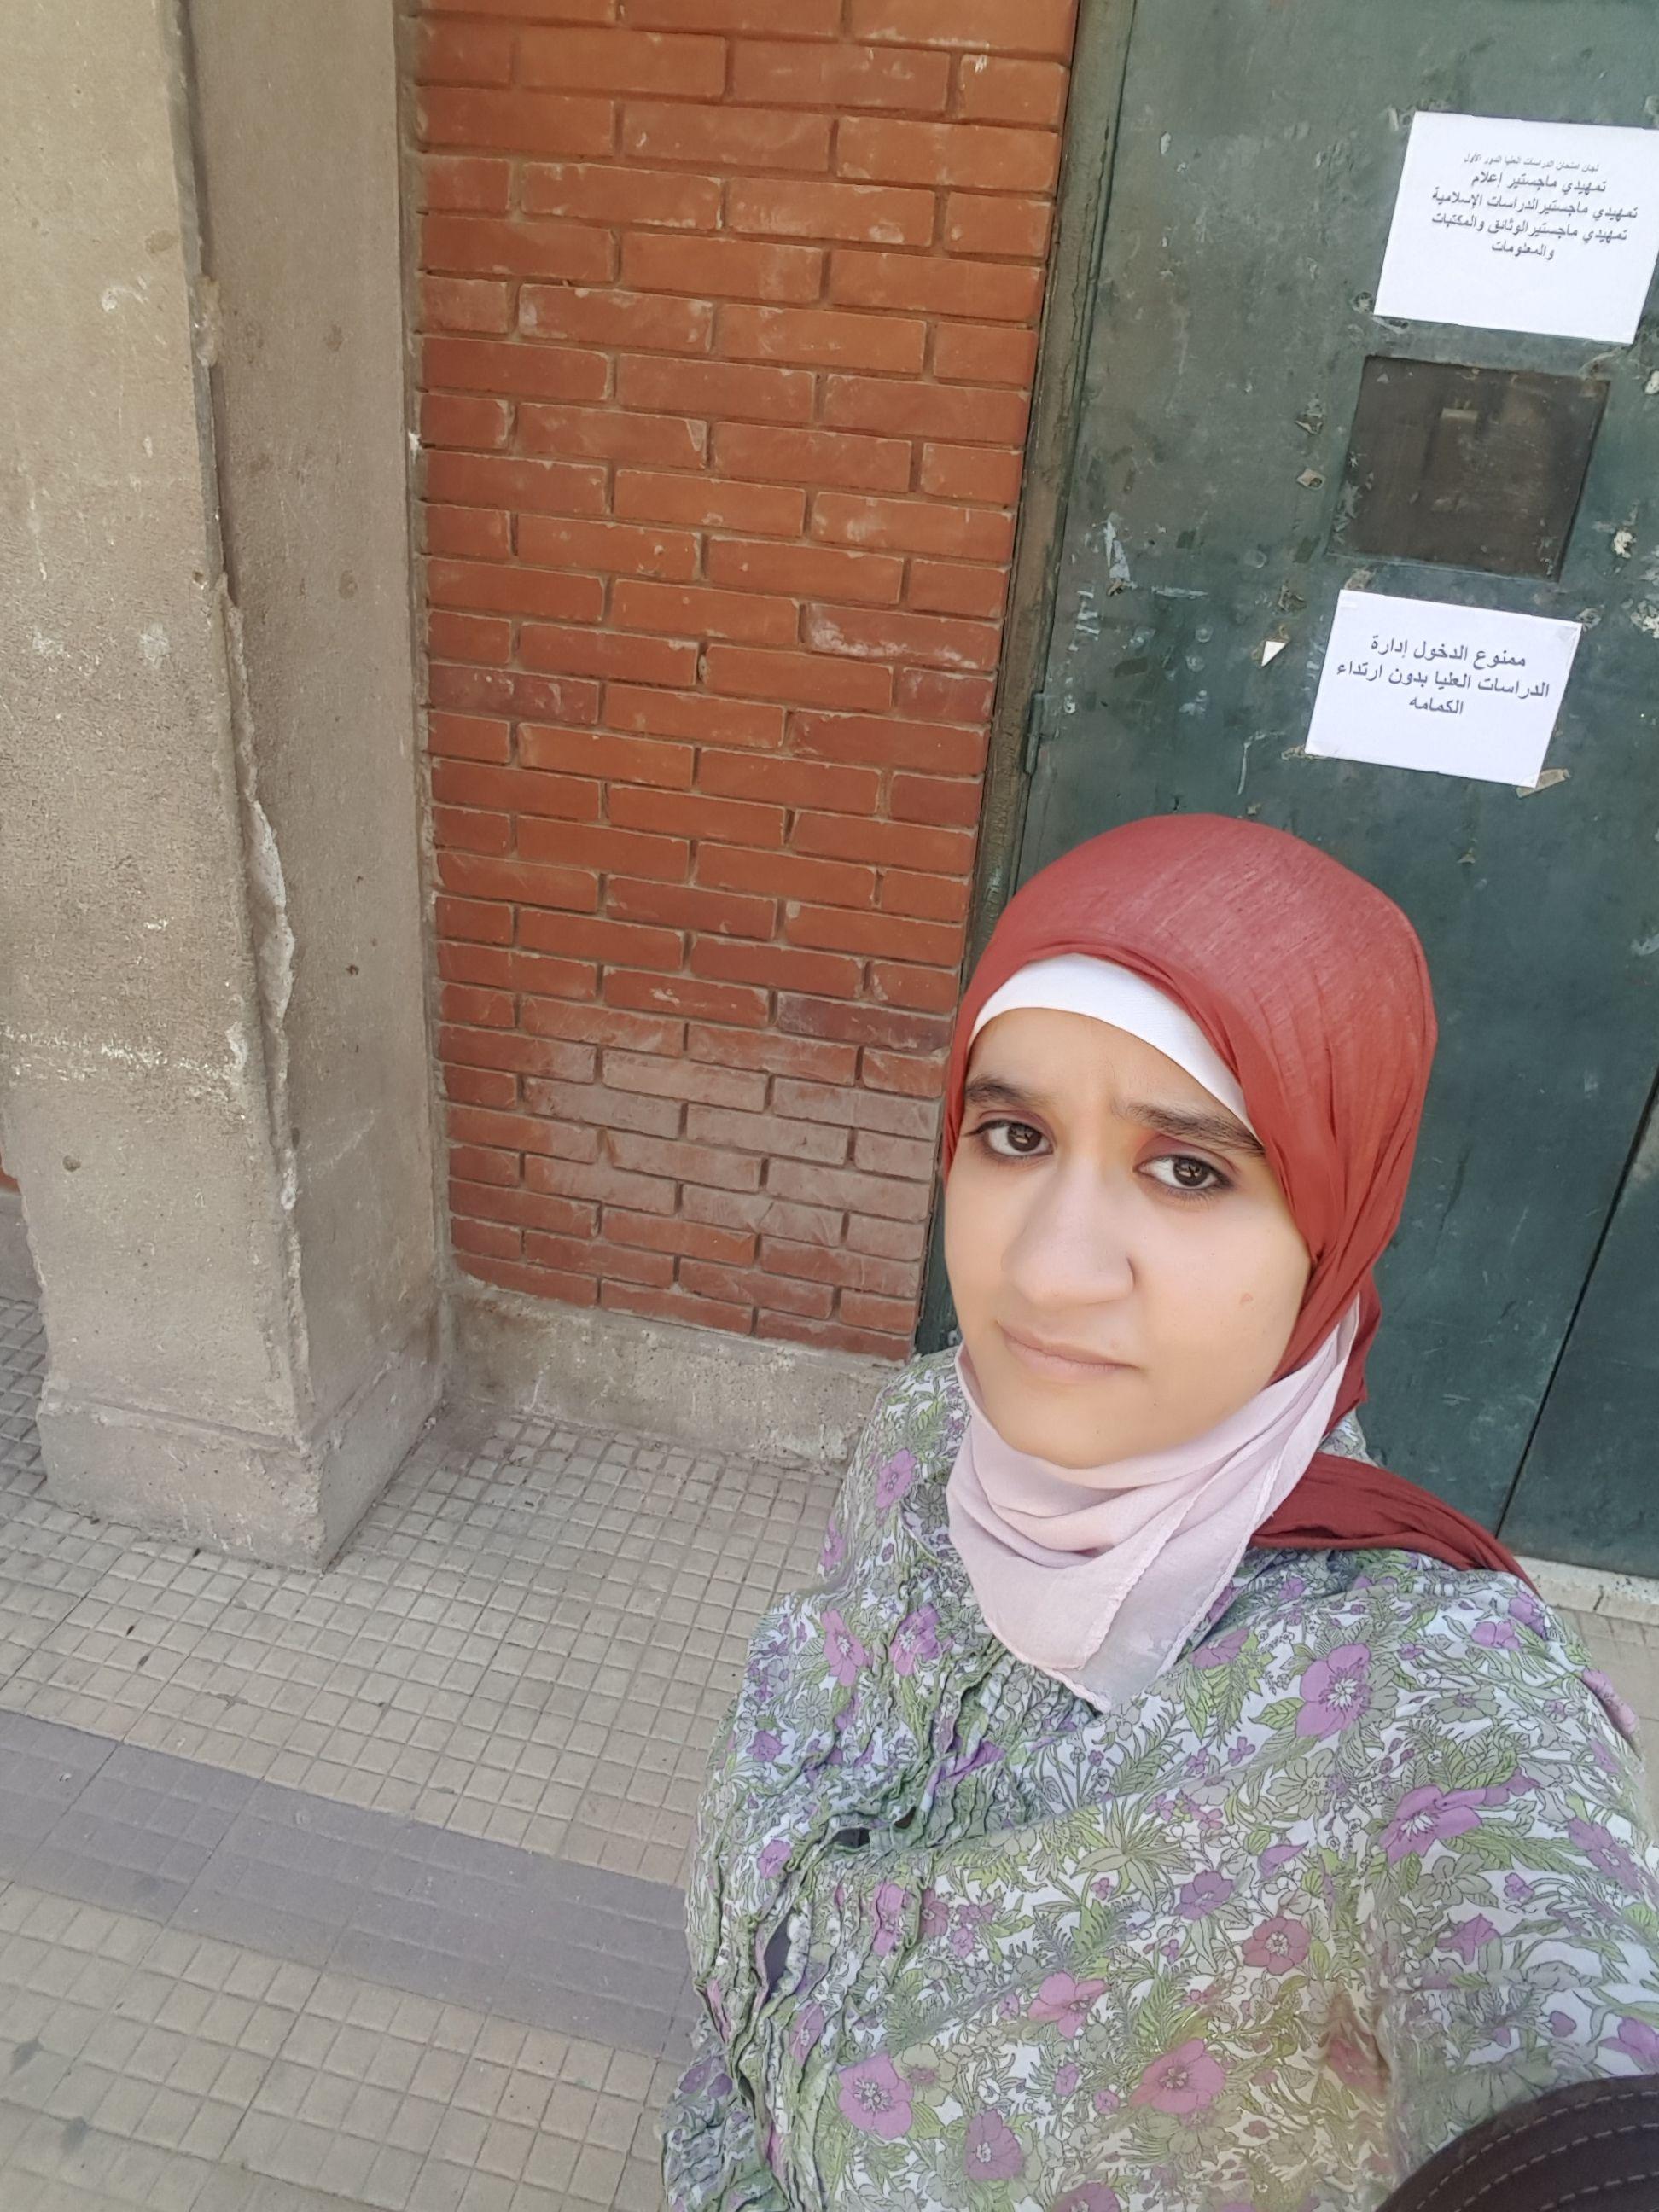 أول يوم امتحانات ومعرفتش أنام طول الليل والامتحان جاي حاجة أستغفر الله العظيم ربنا يستر دعواتكم Fashion Hijab